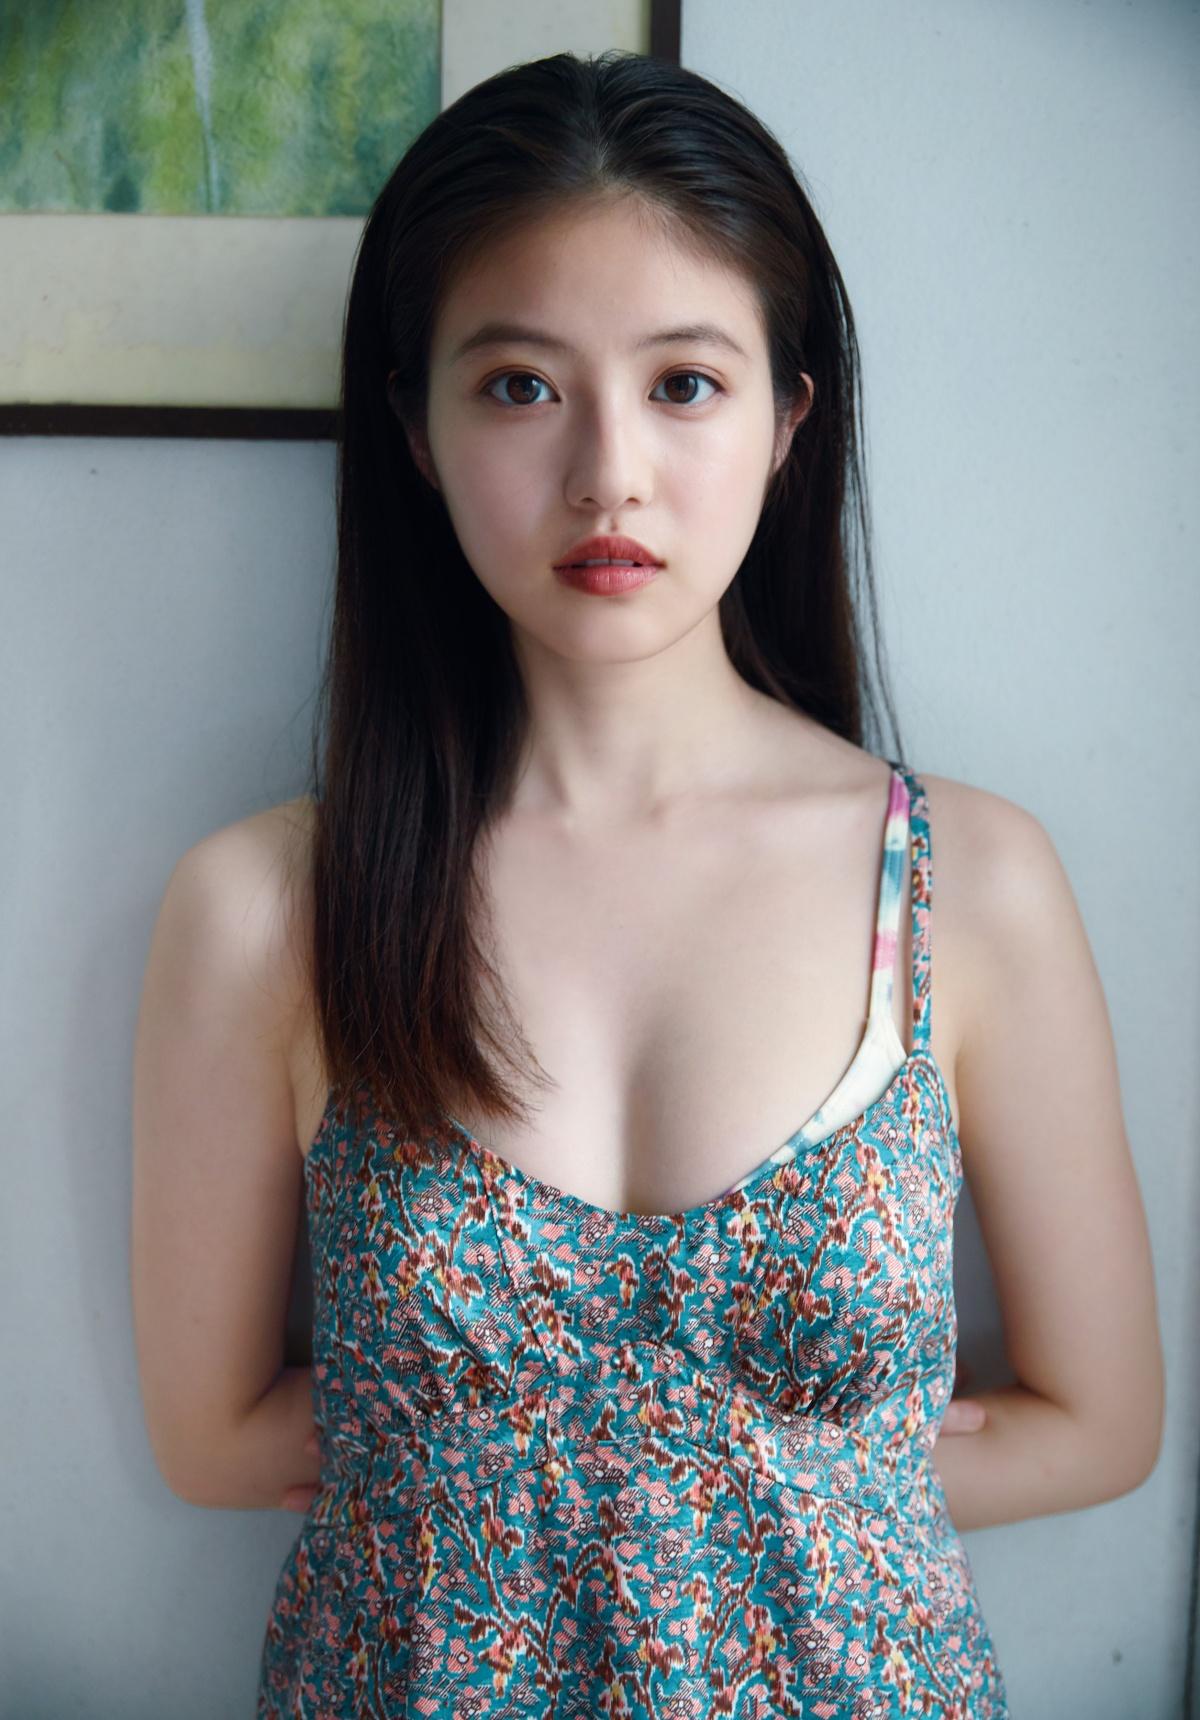 今田 美桜 画像